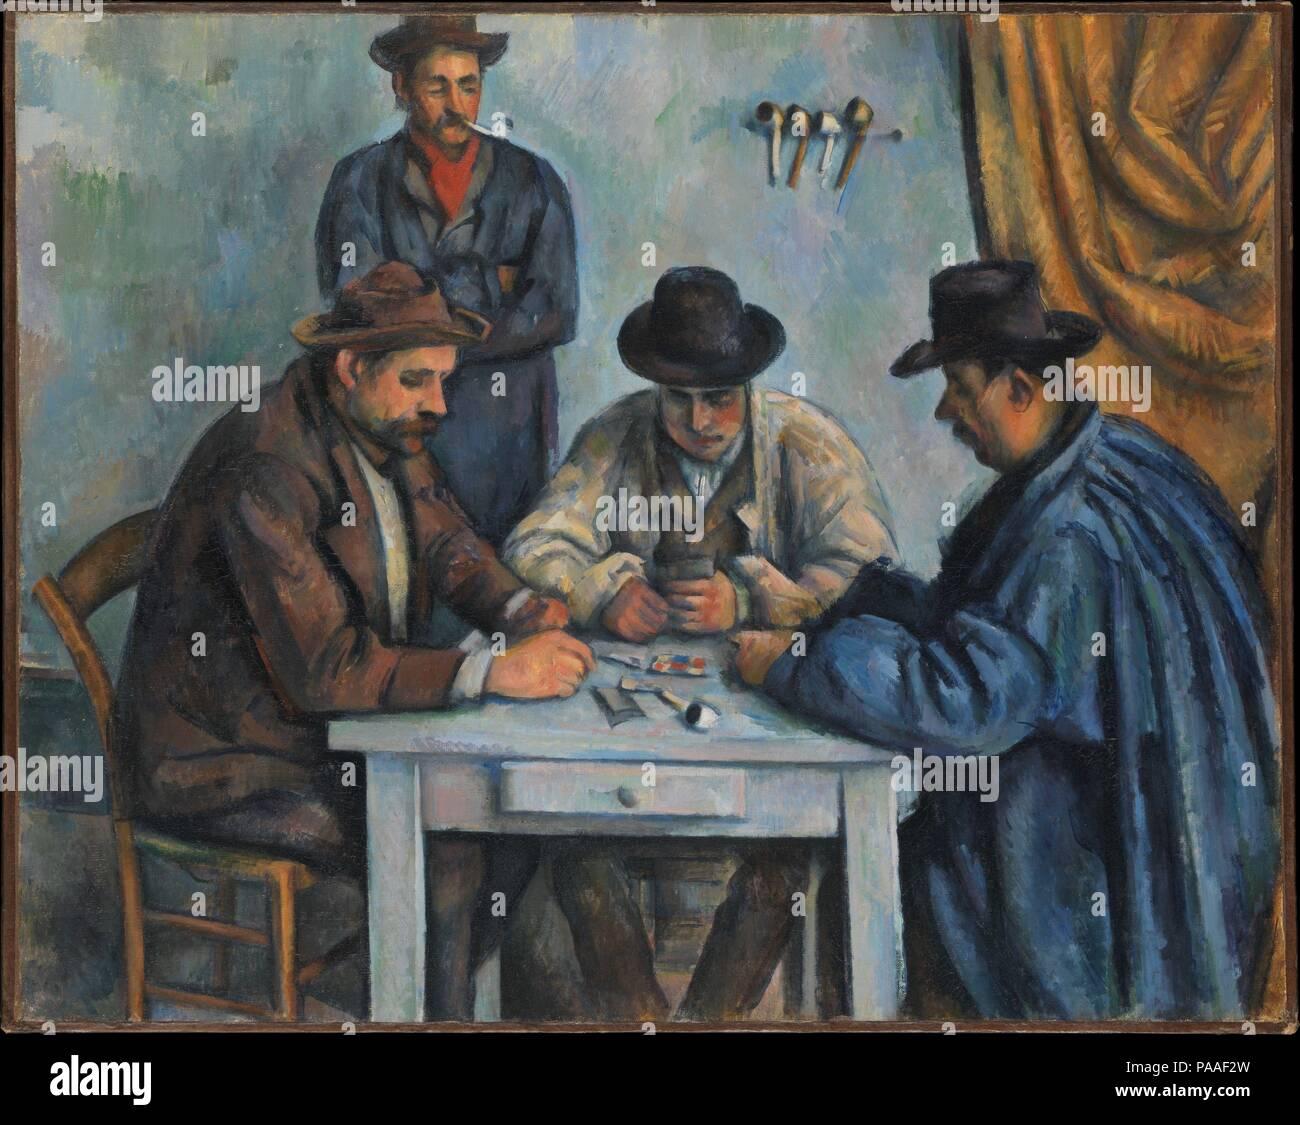 Les joueurs de cartes. Artiste: Paul Cézanne (Français, Aix-en-Provence 1839-1906 Aix-en-Provence). Dimensions: 25 3/4 x 32 1/4 in. (65,4 x 81,9 cm). Date: 1890-92. C'est probablement la première d'une série de cinq tableaux que Cézanne consacré aux paysans les cartes à jouer. À l'enrôlement d'ouvriers agricoles locaux pour servir de modèles, il a peut-être inspiré pour sa scène de genre d'une peinture du 17e siècle par les frères Le Nain dans le musée dans sa ville natale d'Aix. Le Metropolitan's photo a été suivi d'une version deux fois sa taille, qui comprend une autre figure d'un enfant debout à droite (Barne Banque D'Images